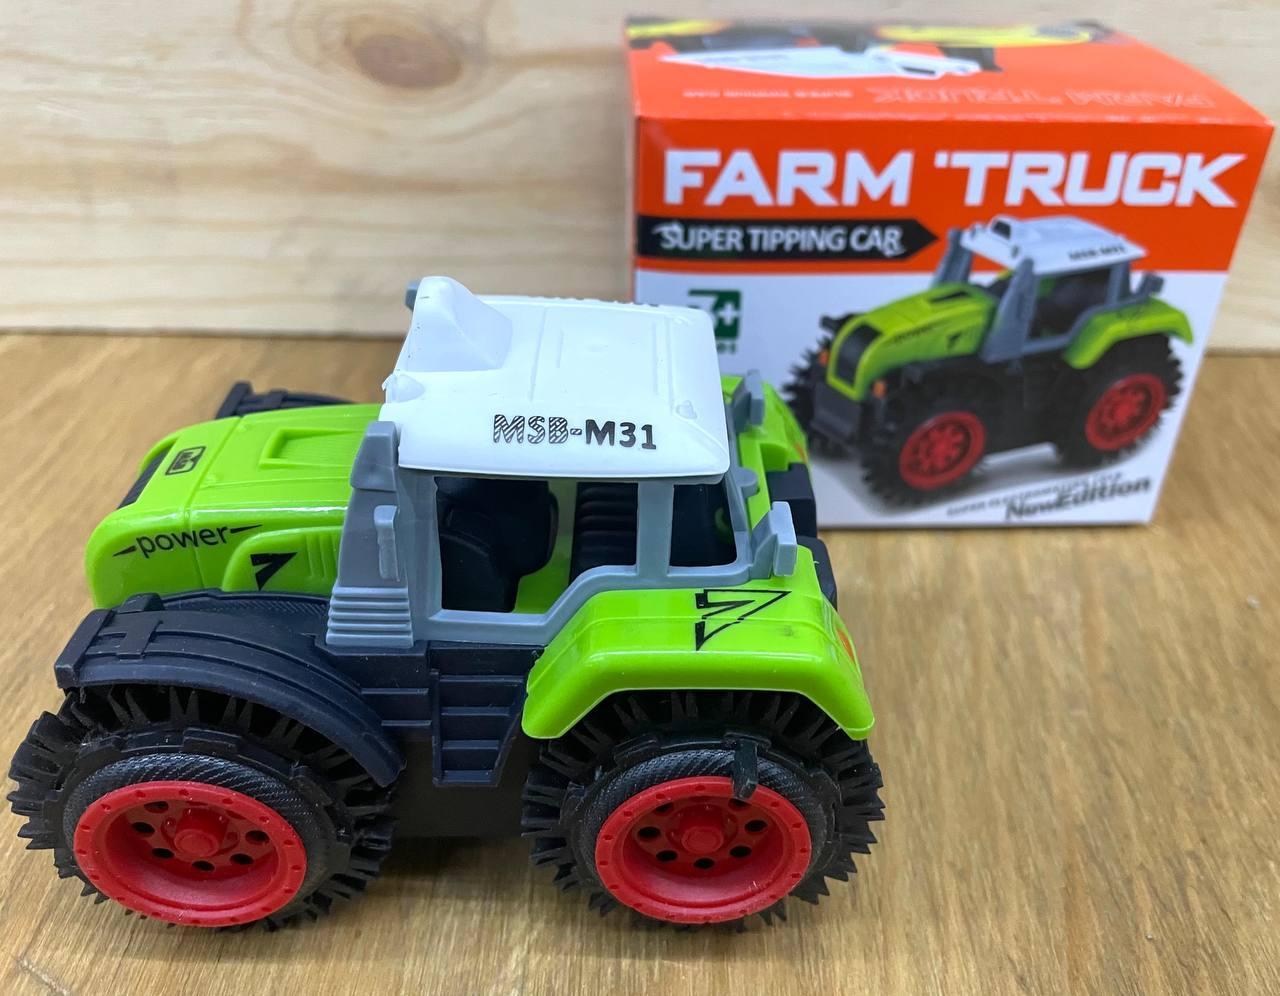 M31 Farm Truck Трактор перевертыш на батарейках 11*8см